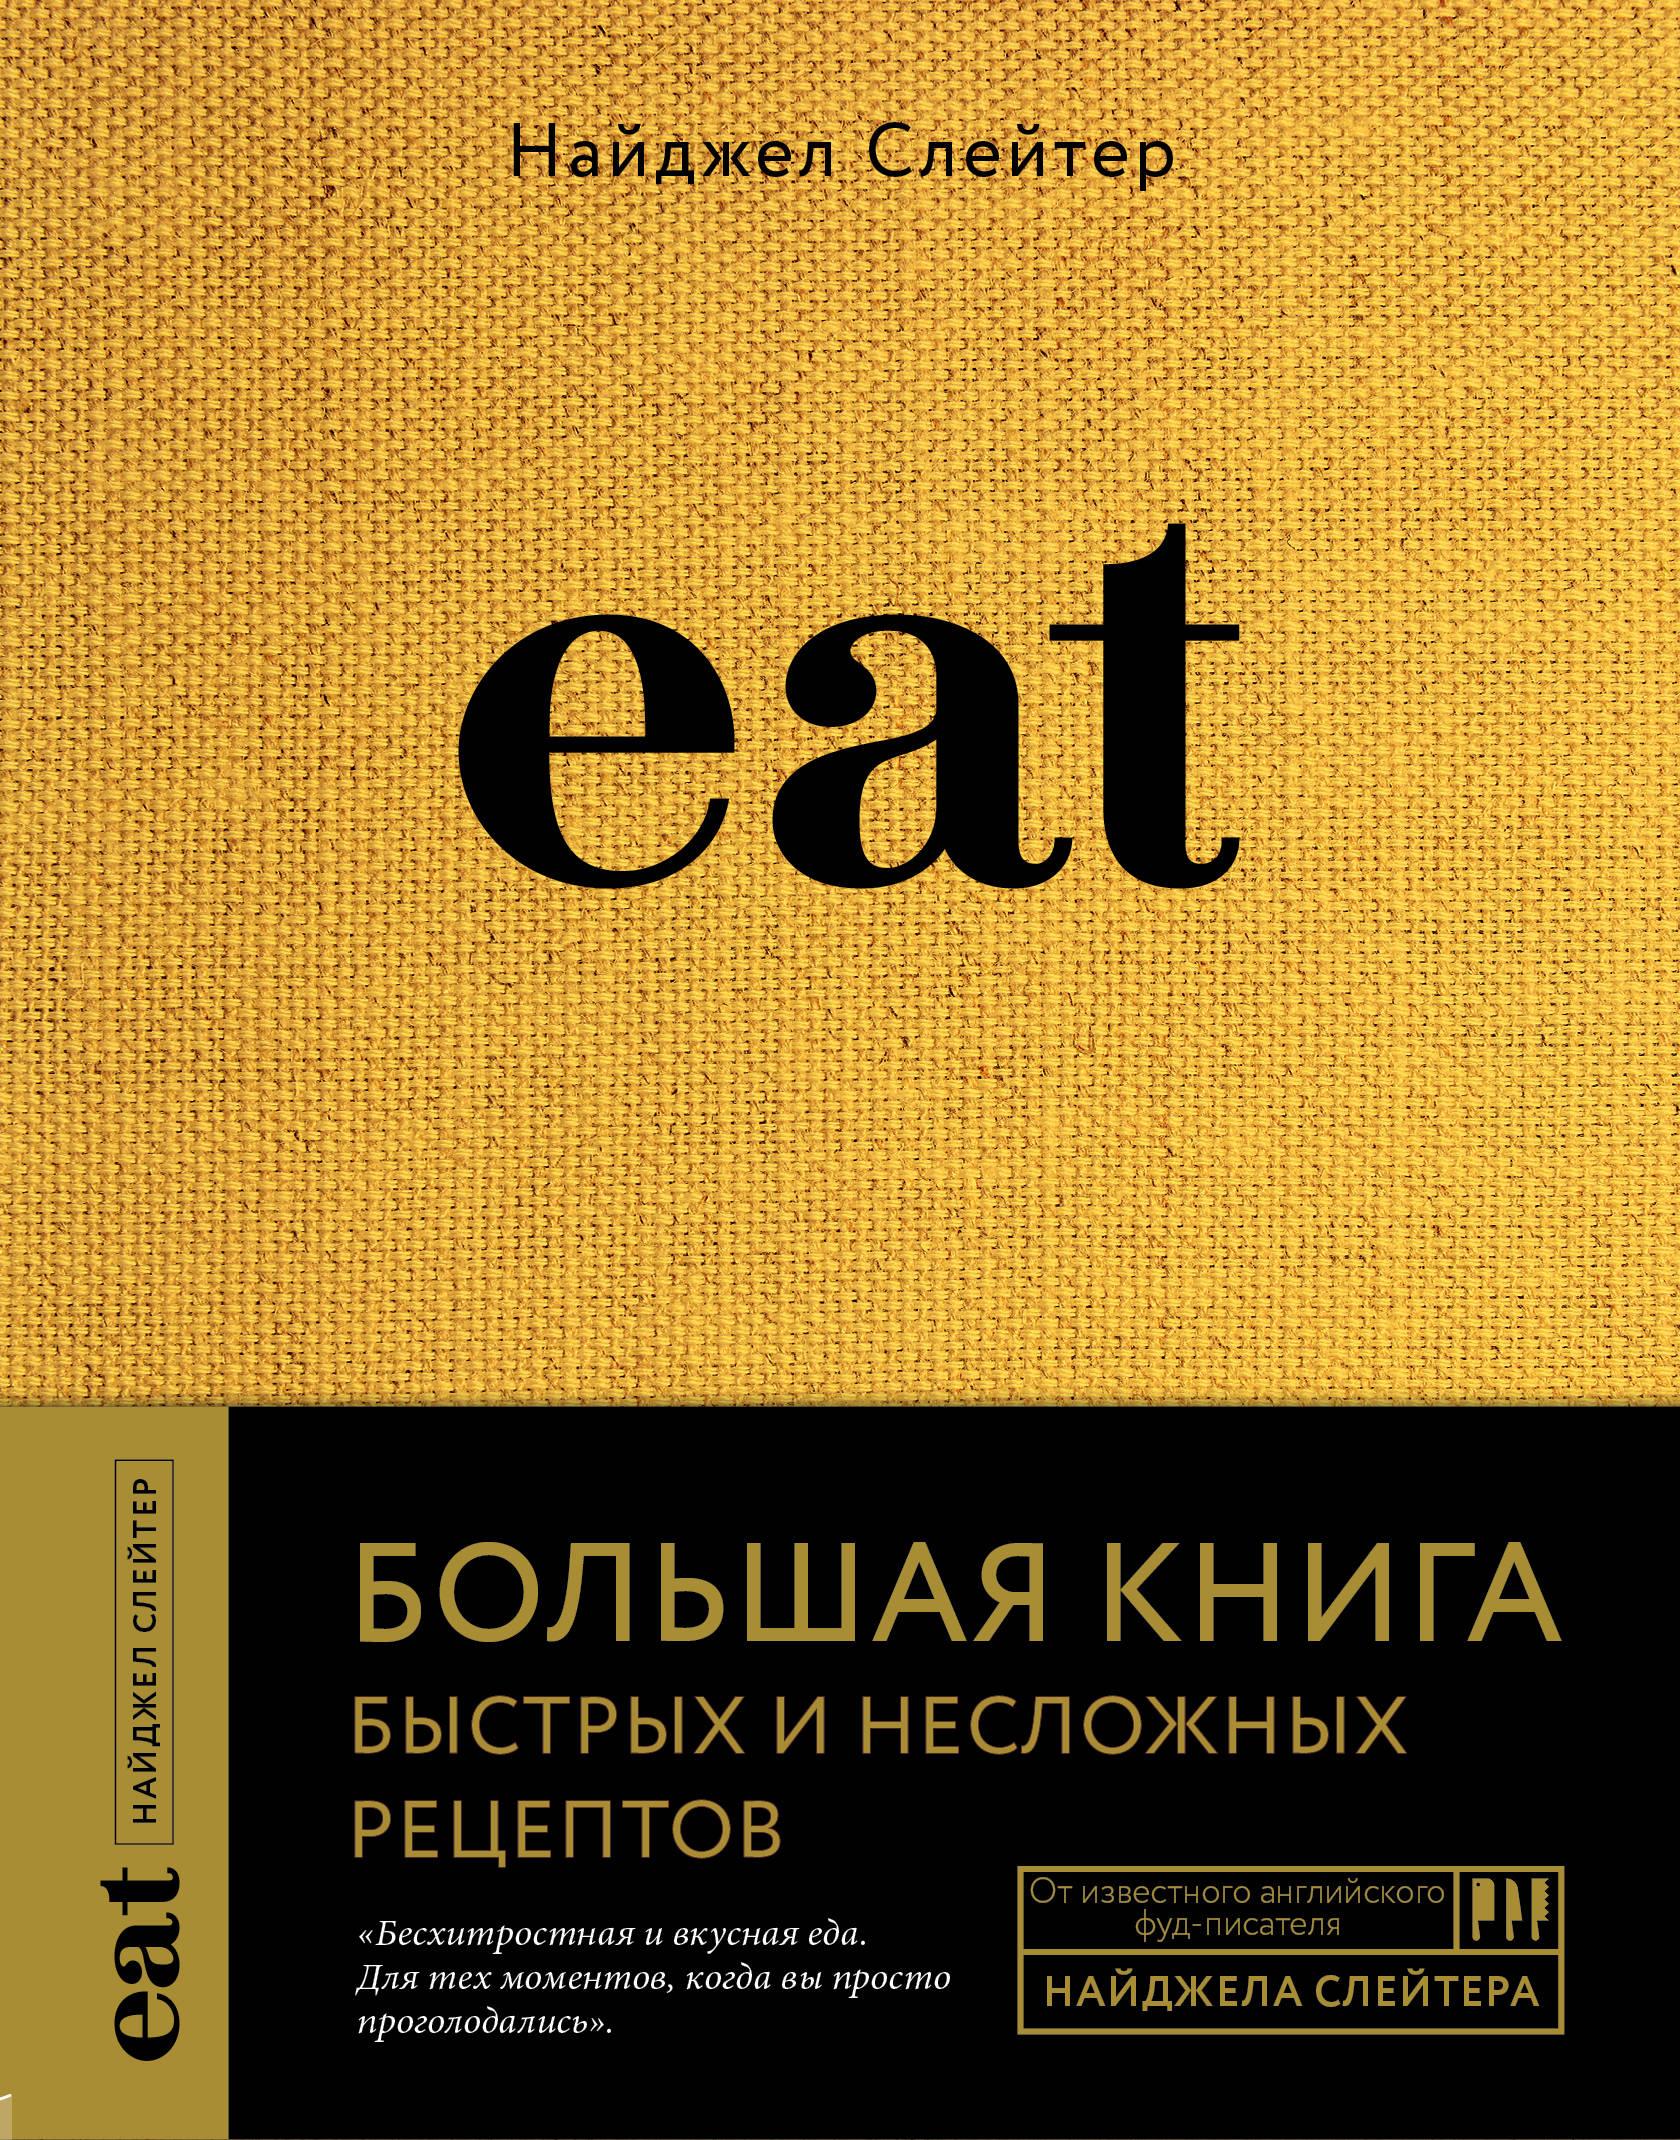 Eat. Bolshaja kniga bystrykh i neslozhnykh retseptov